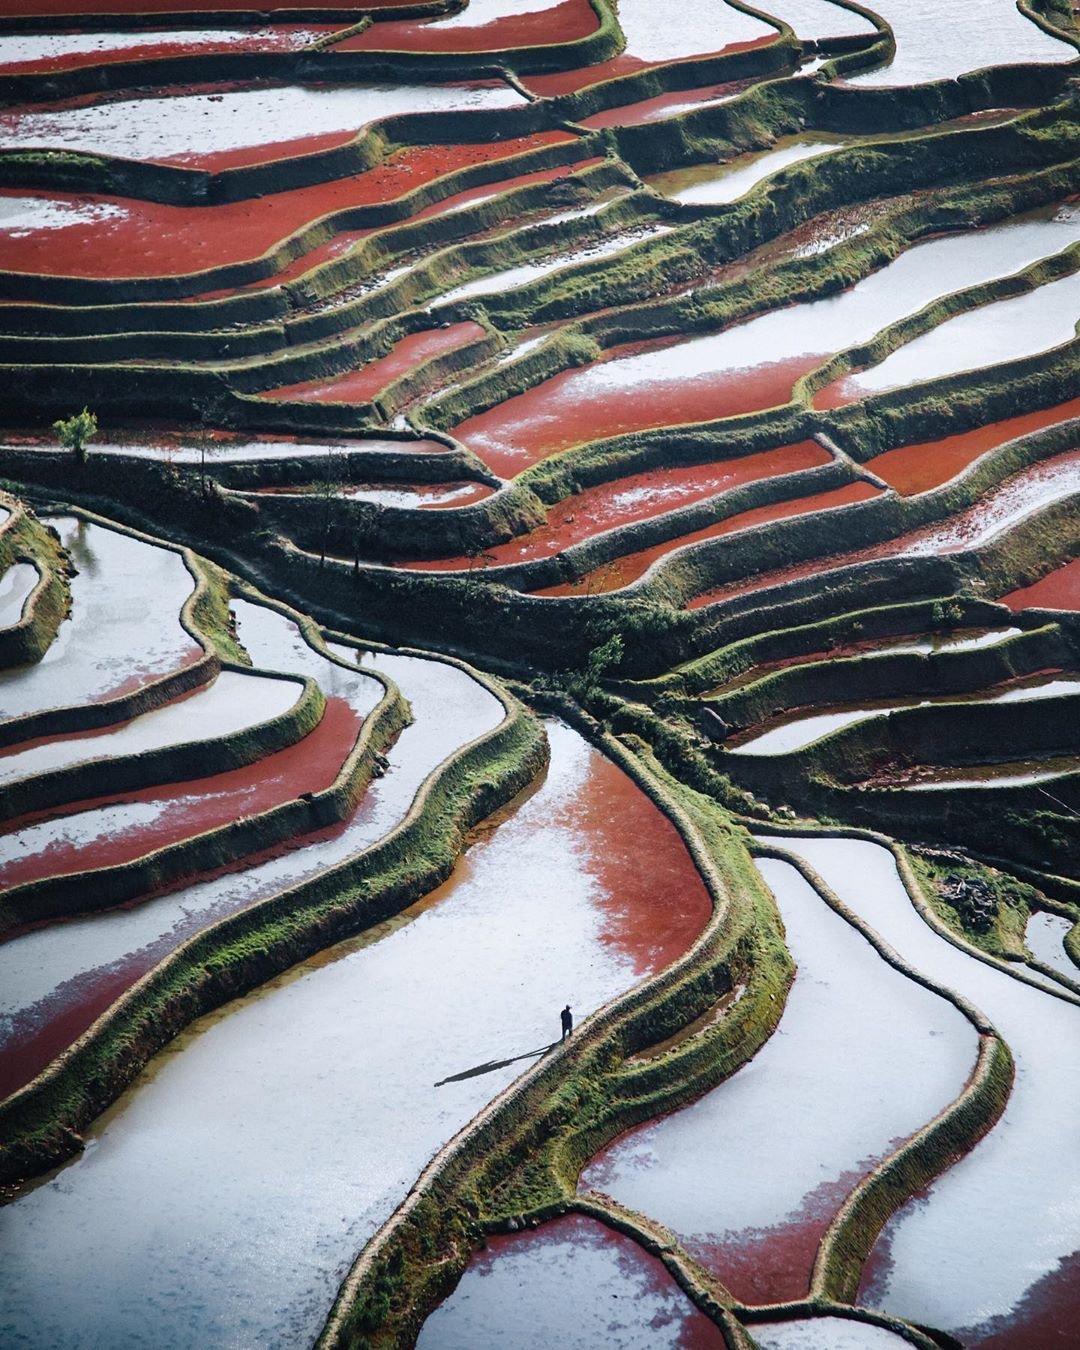 英国自由摄影师Jord Hammond镜头下的中国。客家土楼独特的建筑结构